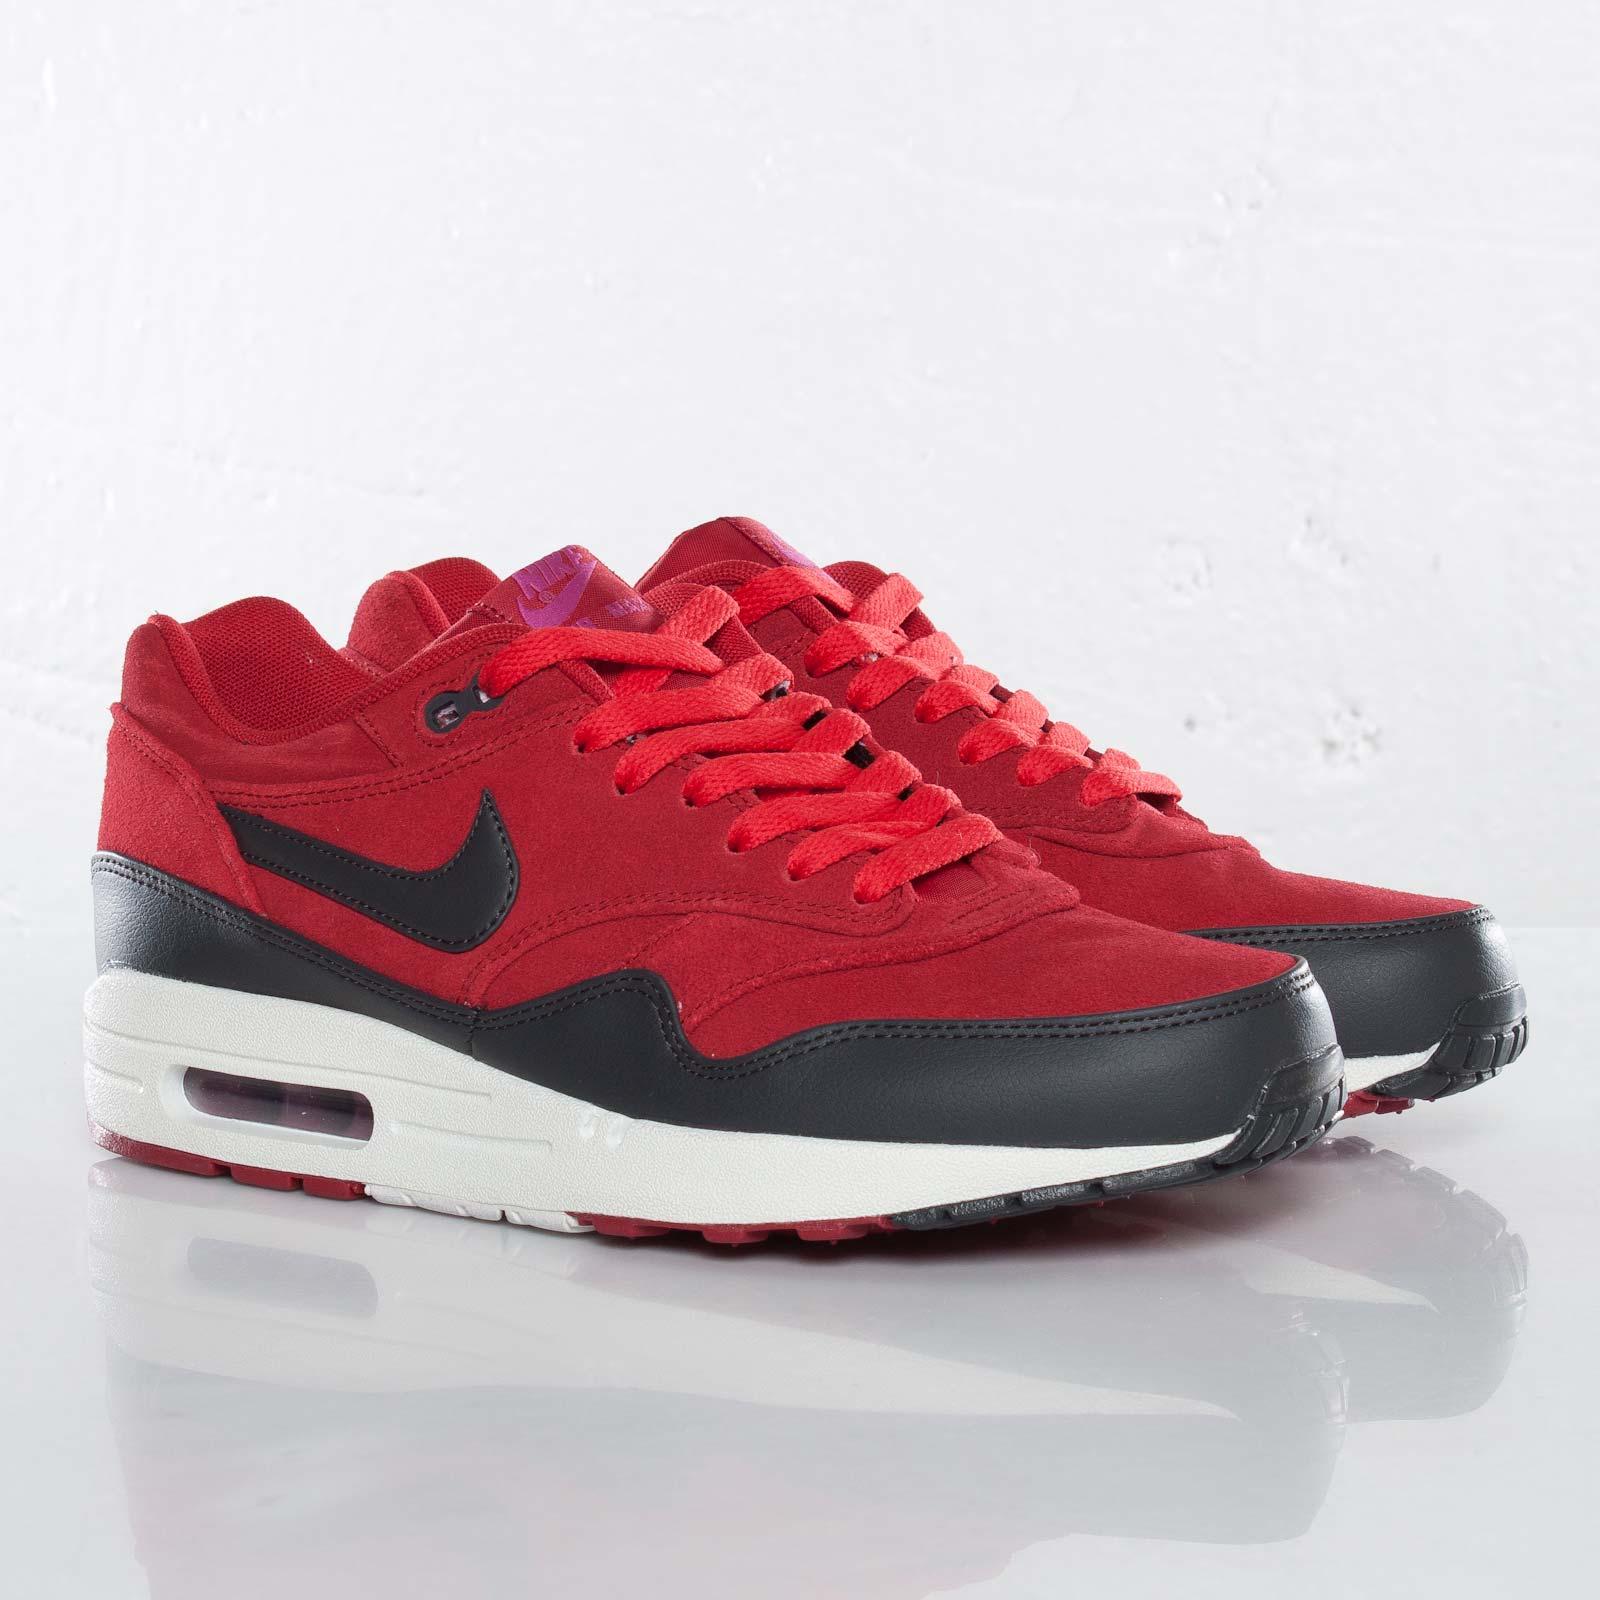 Nike Air Max 1 Premium 512033 606 Sneakersnstuff